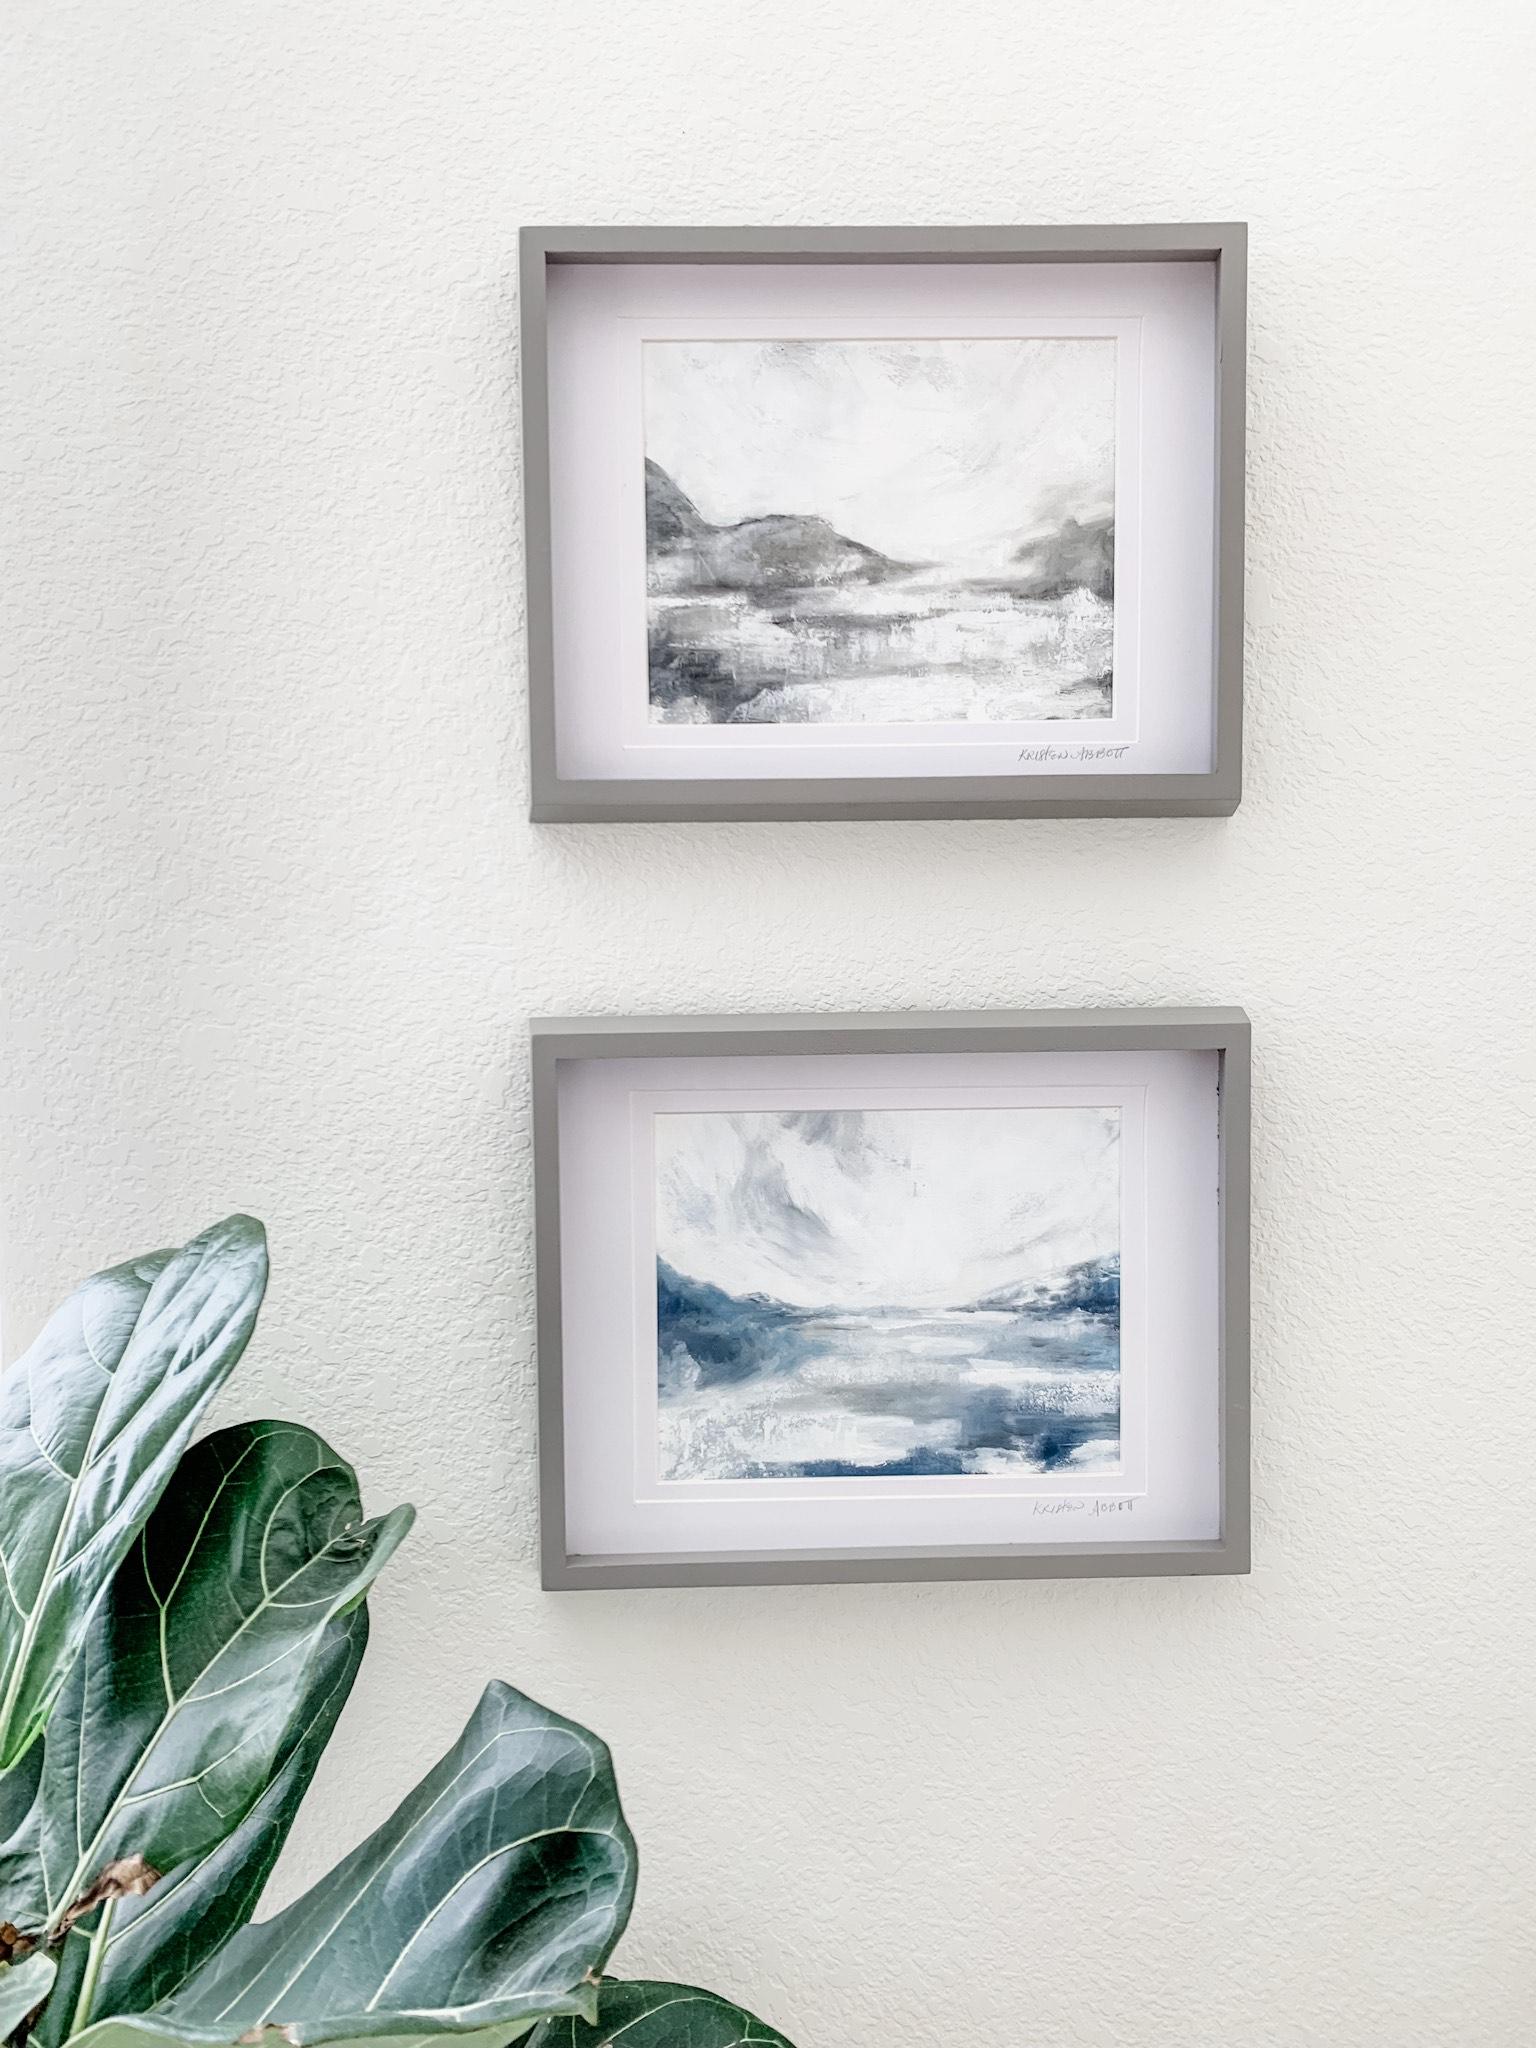 Landscapes on paper